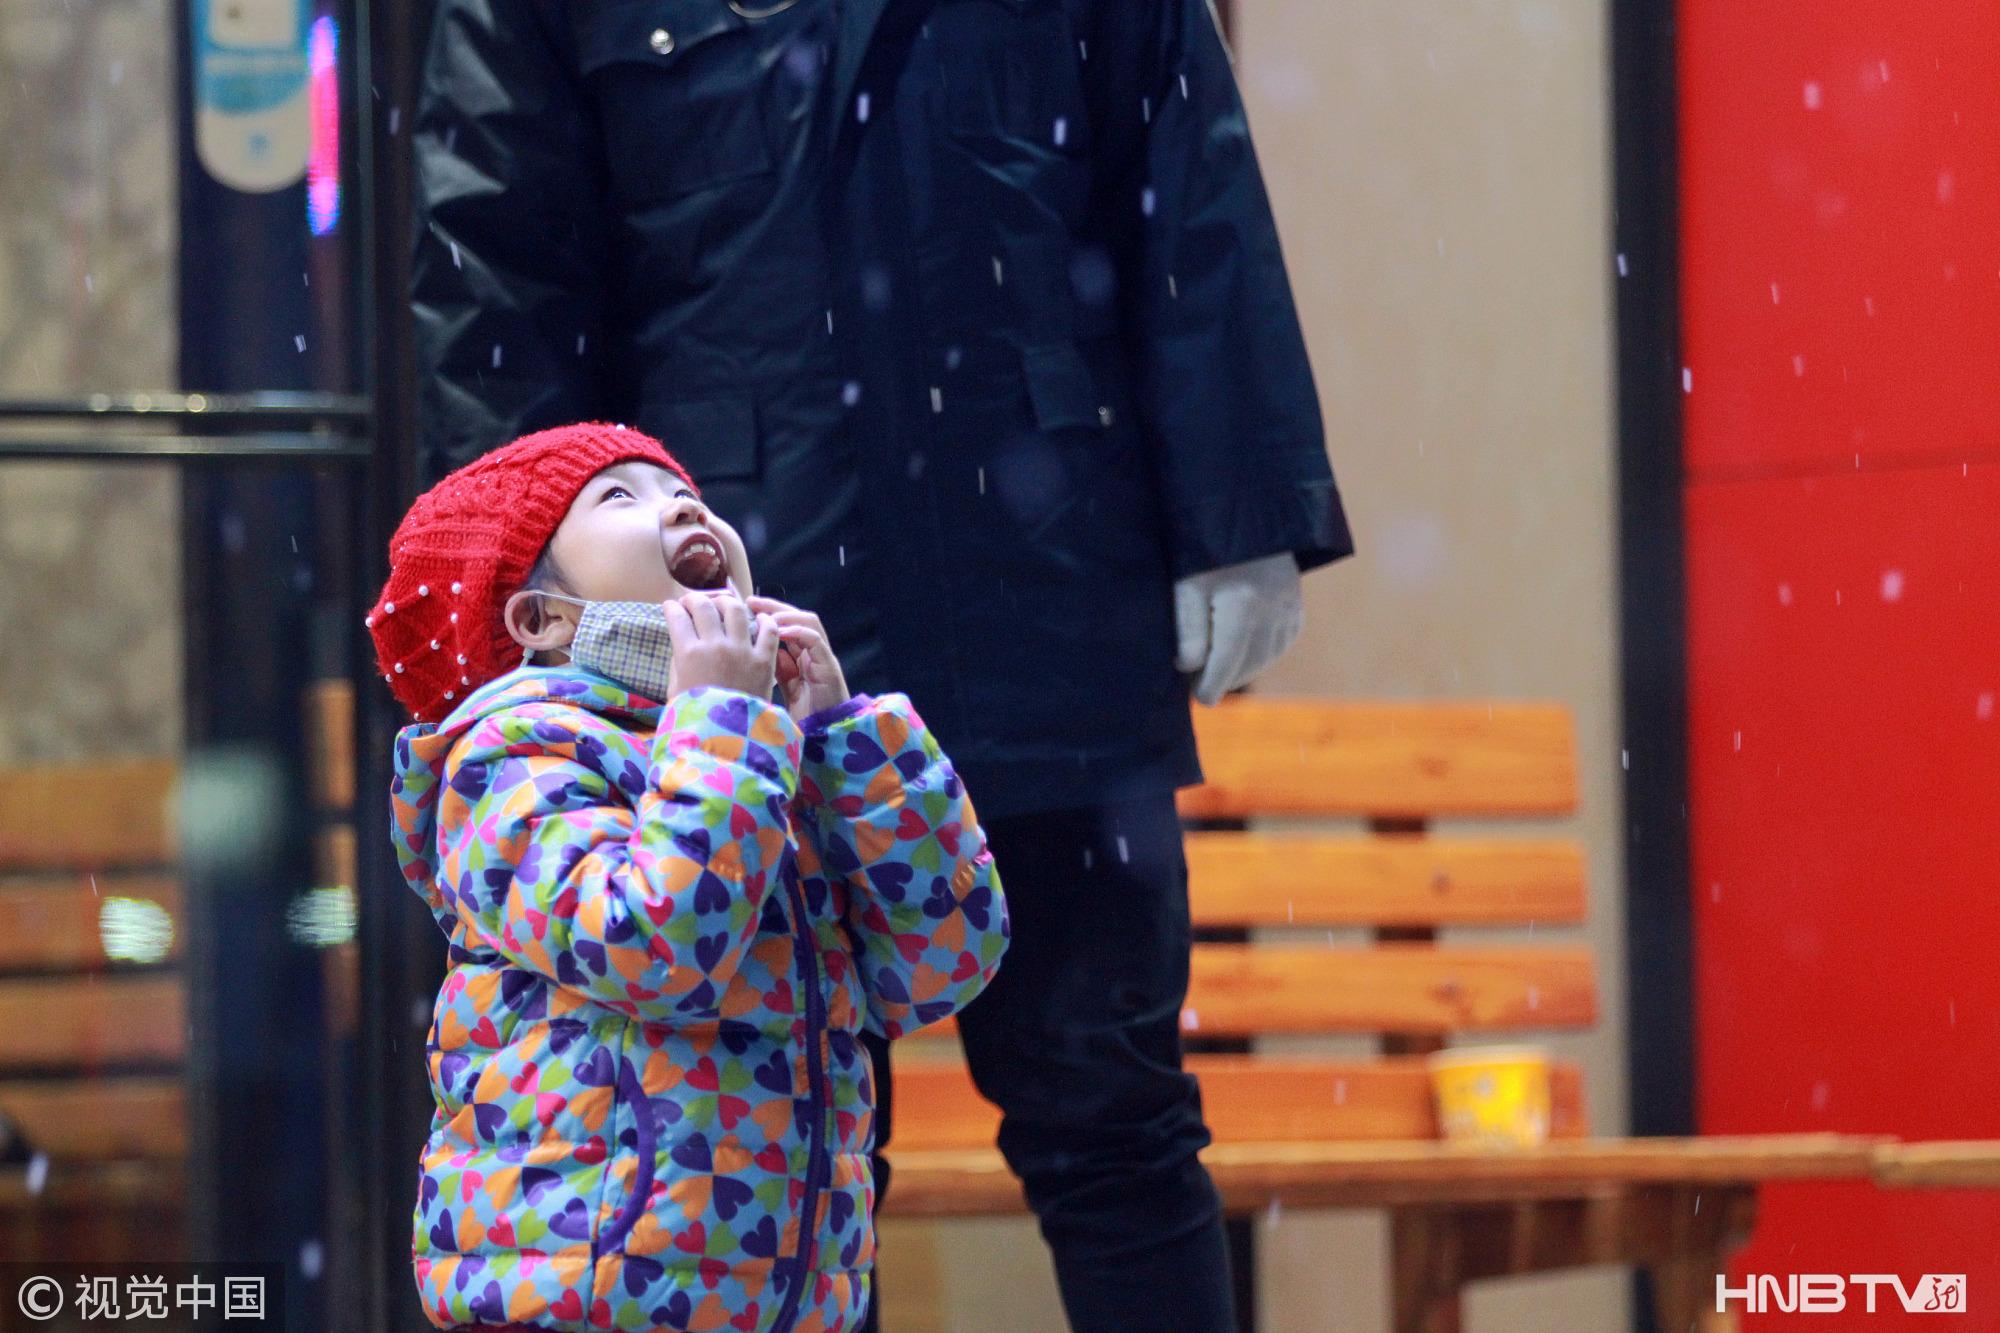 哈尔滨降下今冬初雪 漫天飞舞给市民带来惊喜(组图)